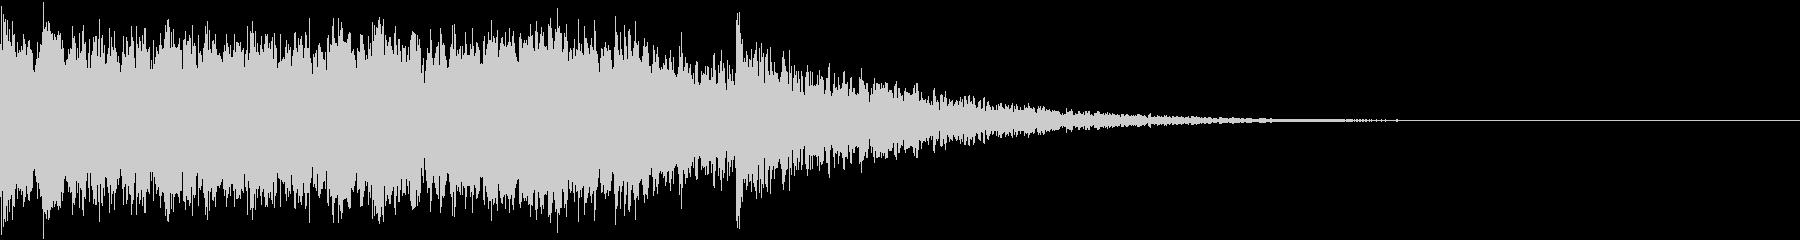 昭和のロボットアニメ風カウントダウンの未再生の波形